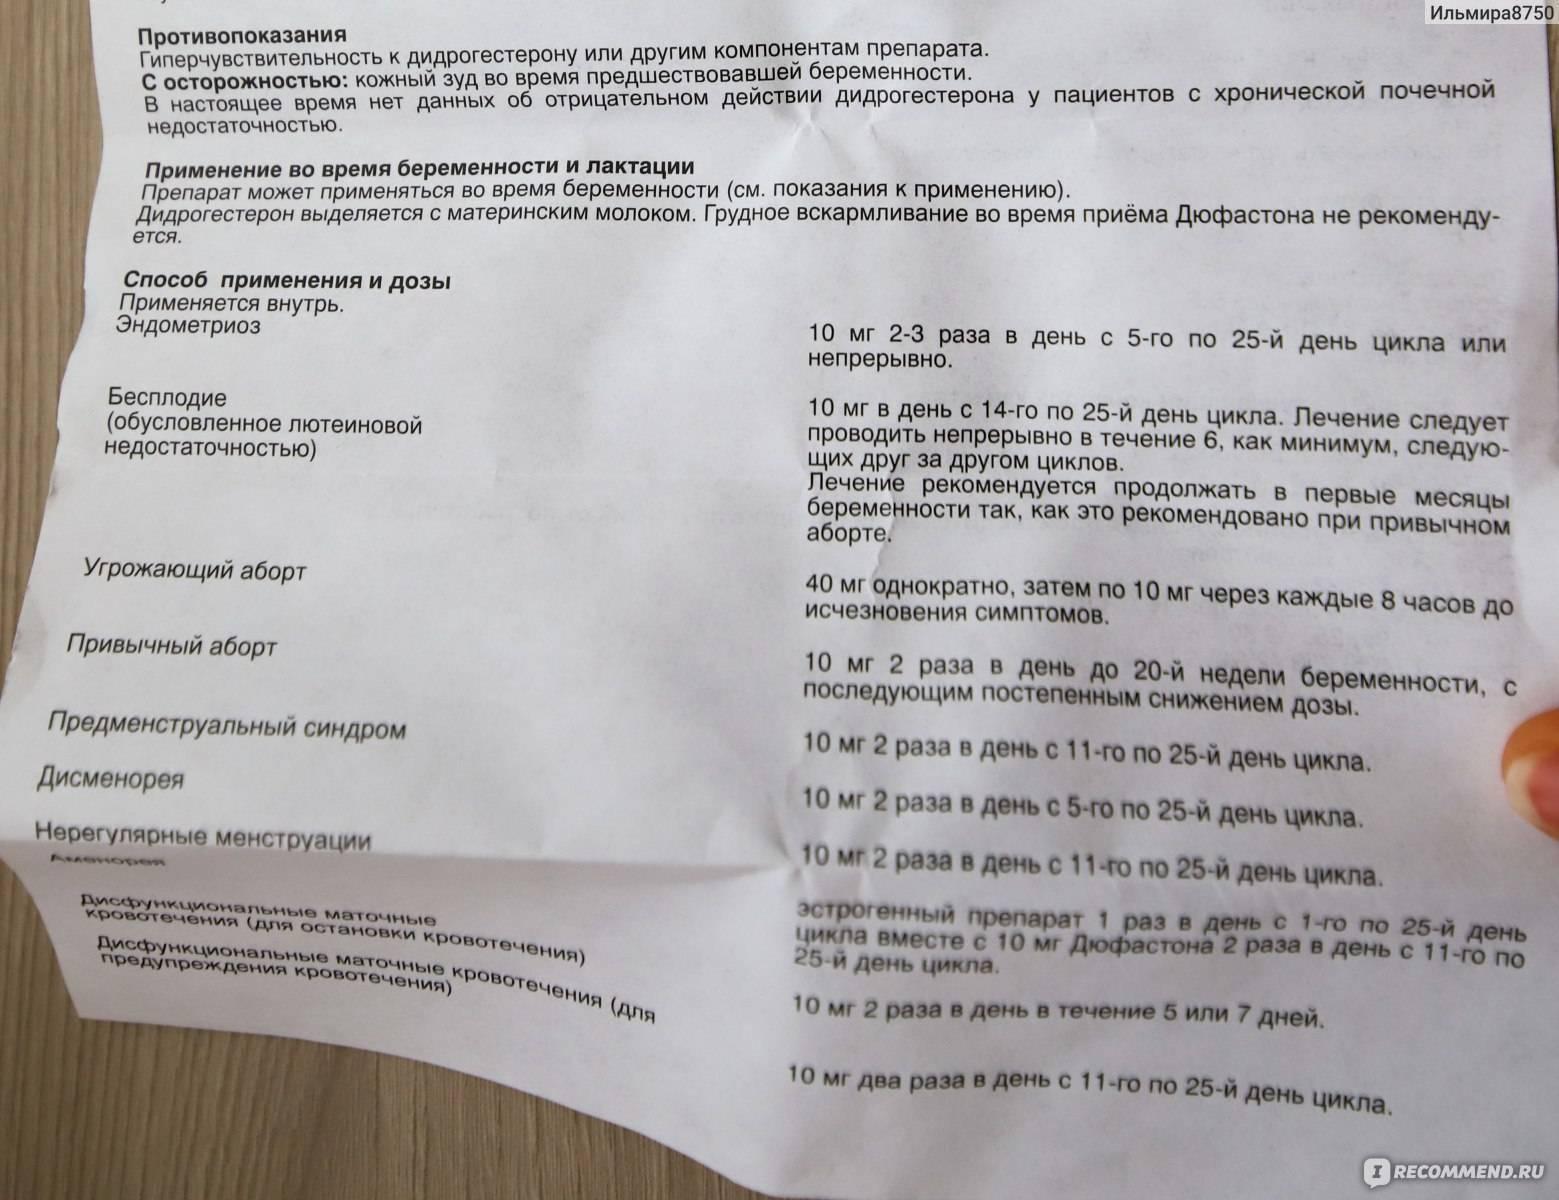 Циклодинон и дюфастон - вопрос гинекологу - 03 онлайн